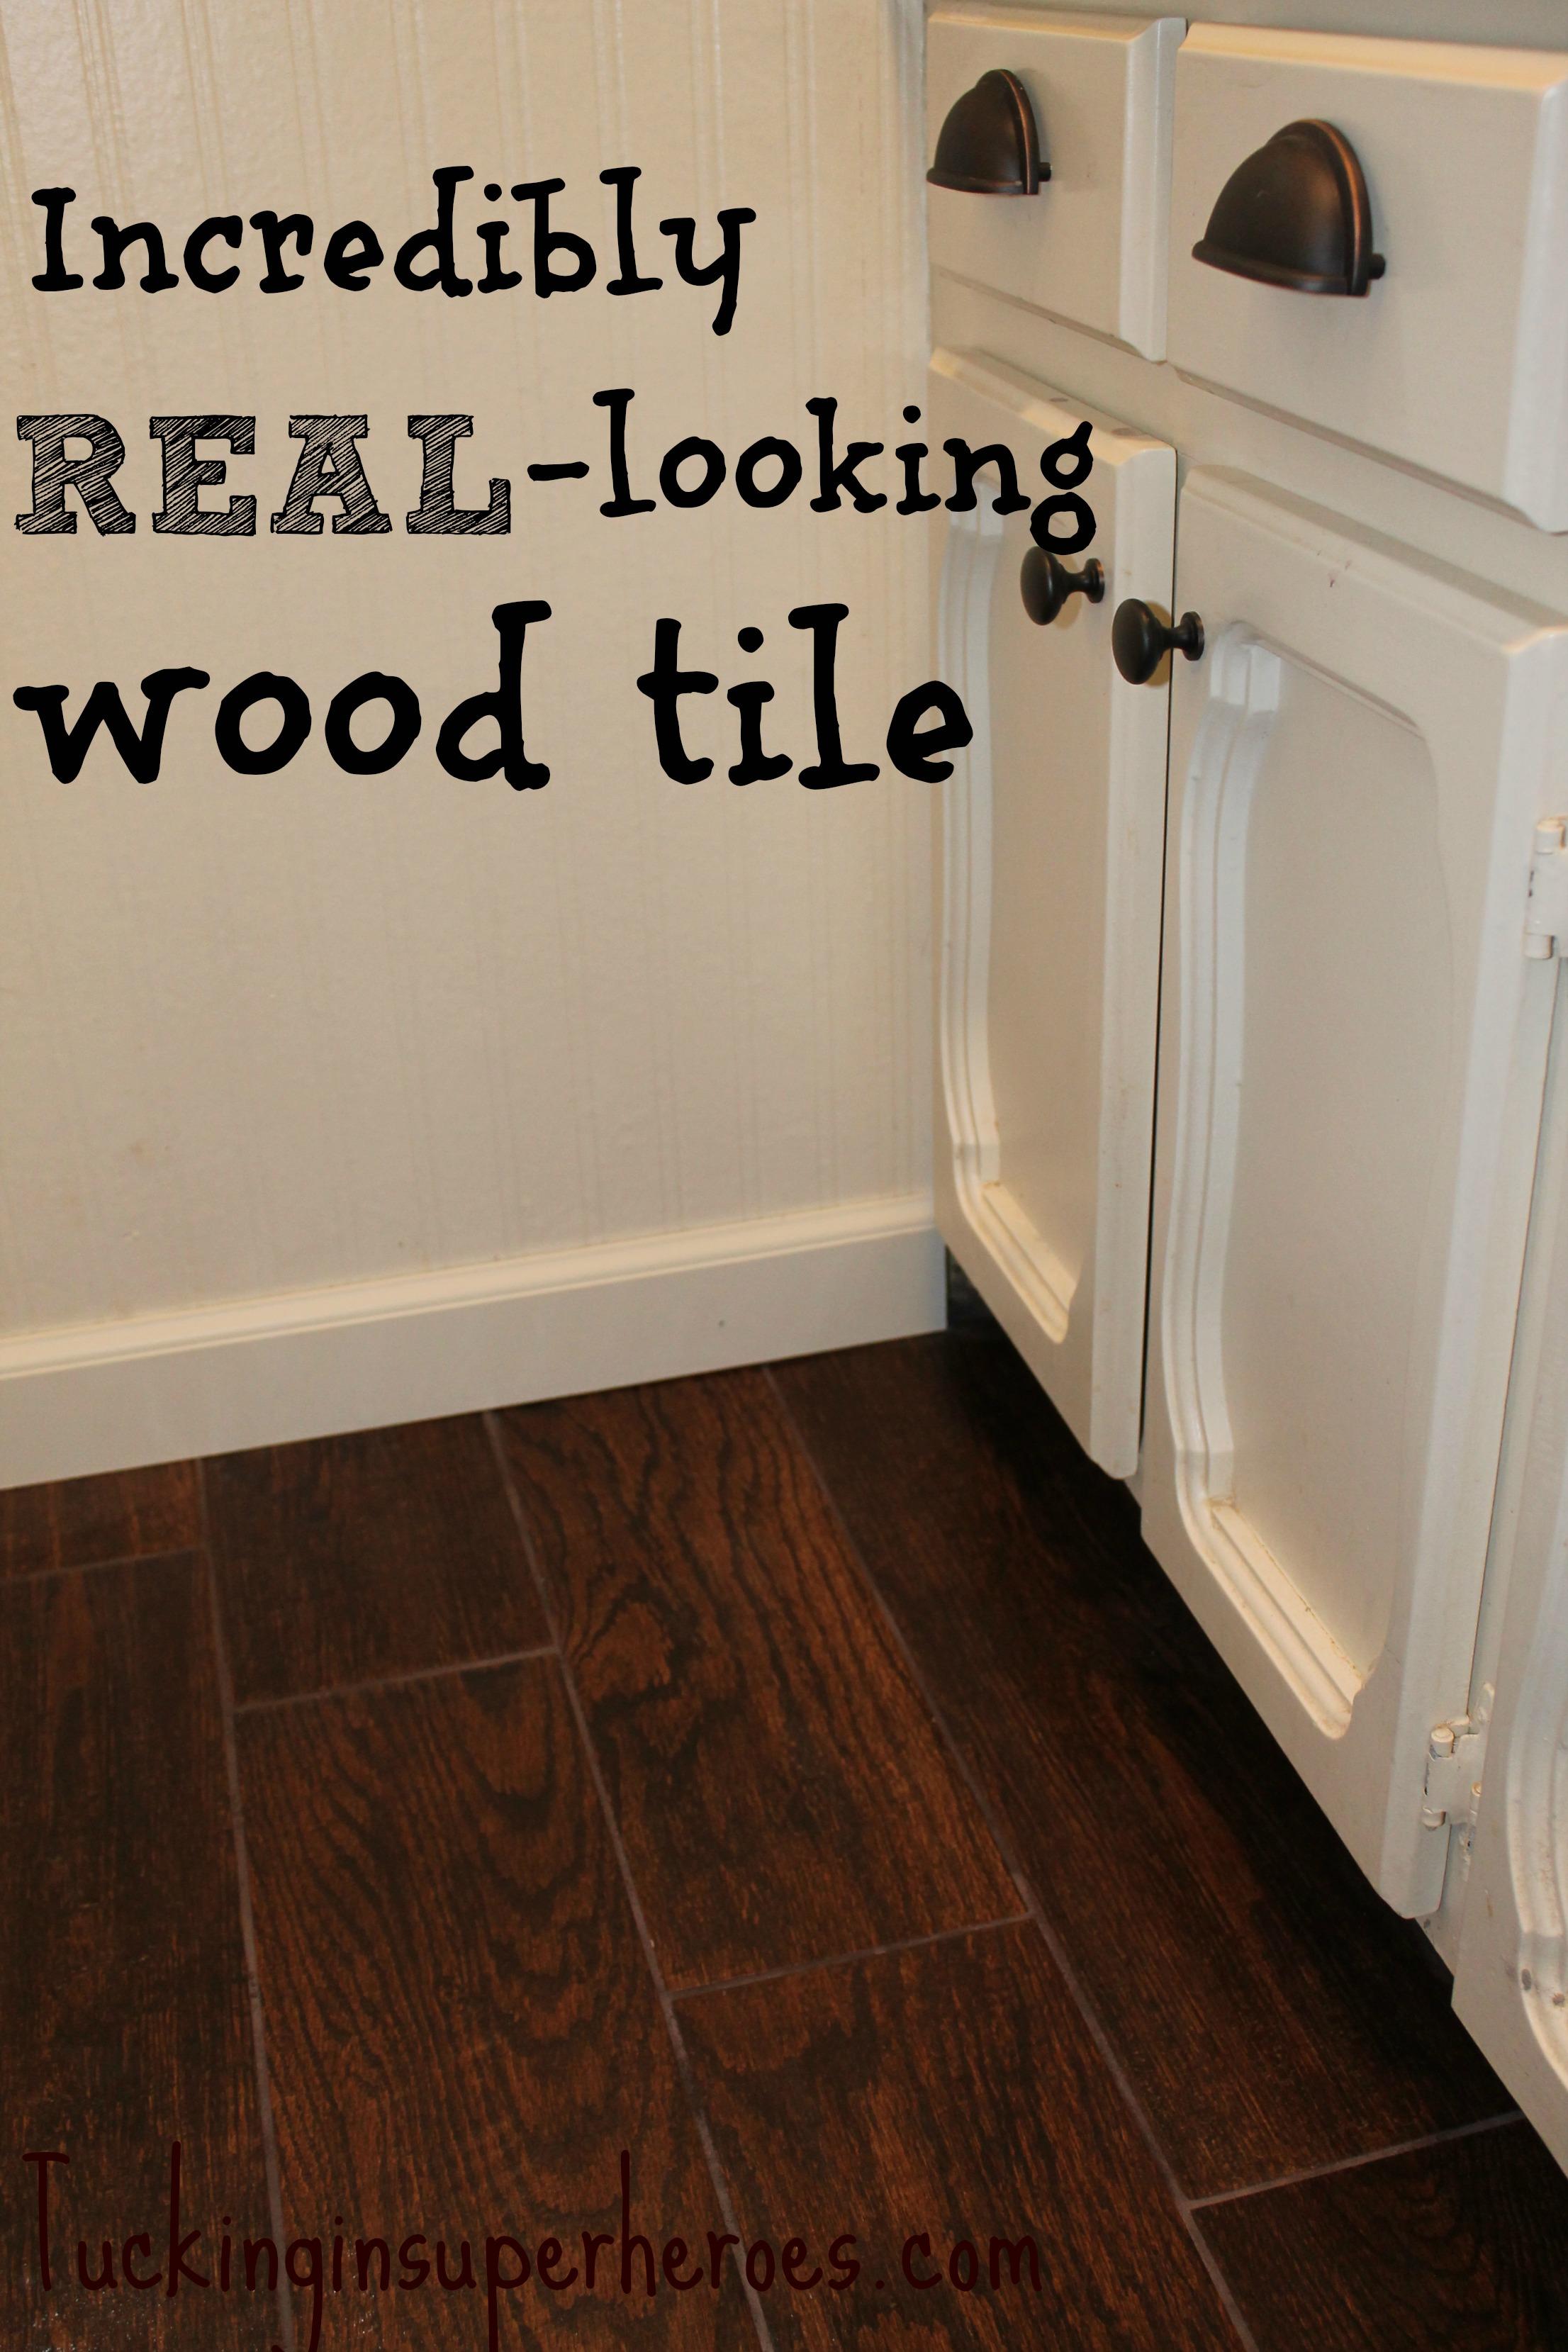 Wood Tile Tucking In Superheroes